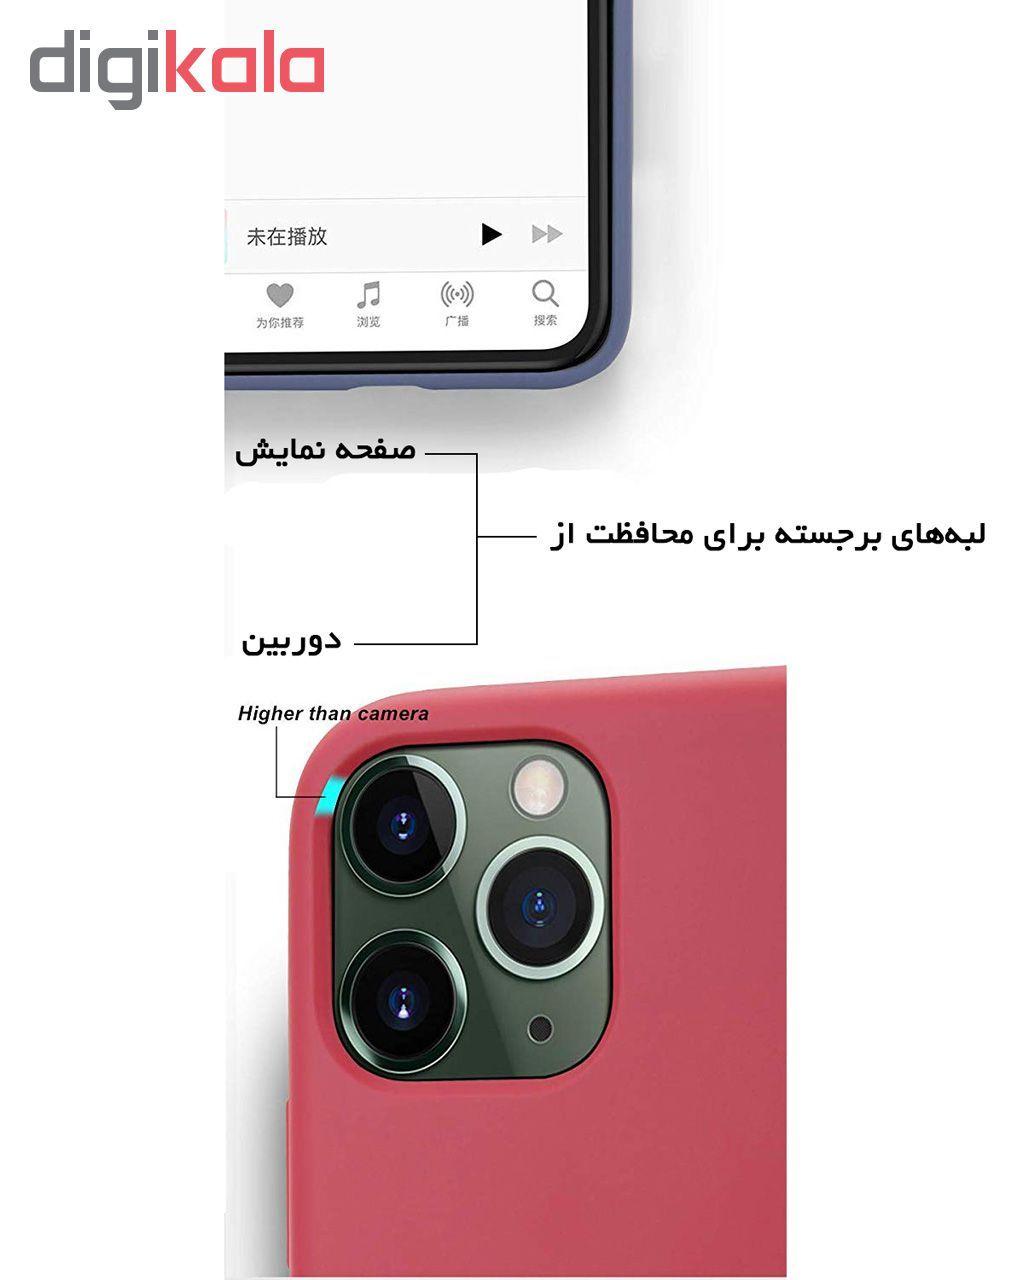 کاور وی کیس مدل Si01 مناسب برای گوشی موبایل اپل iPhone XS Max main 1 6